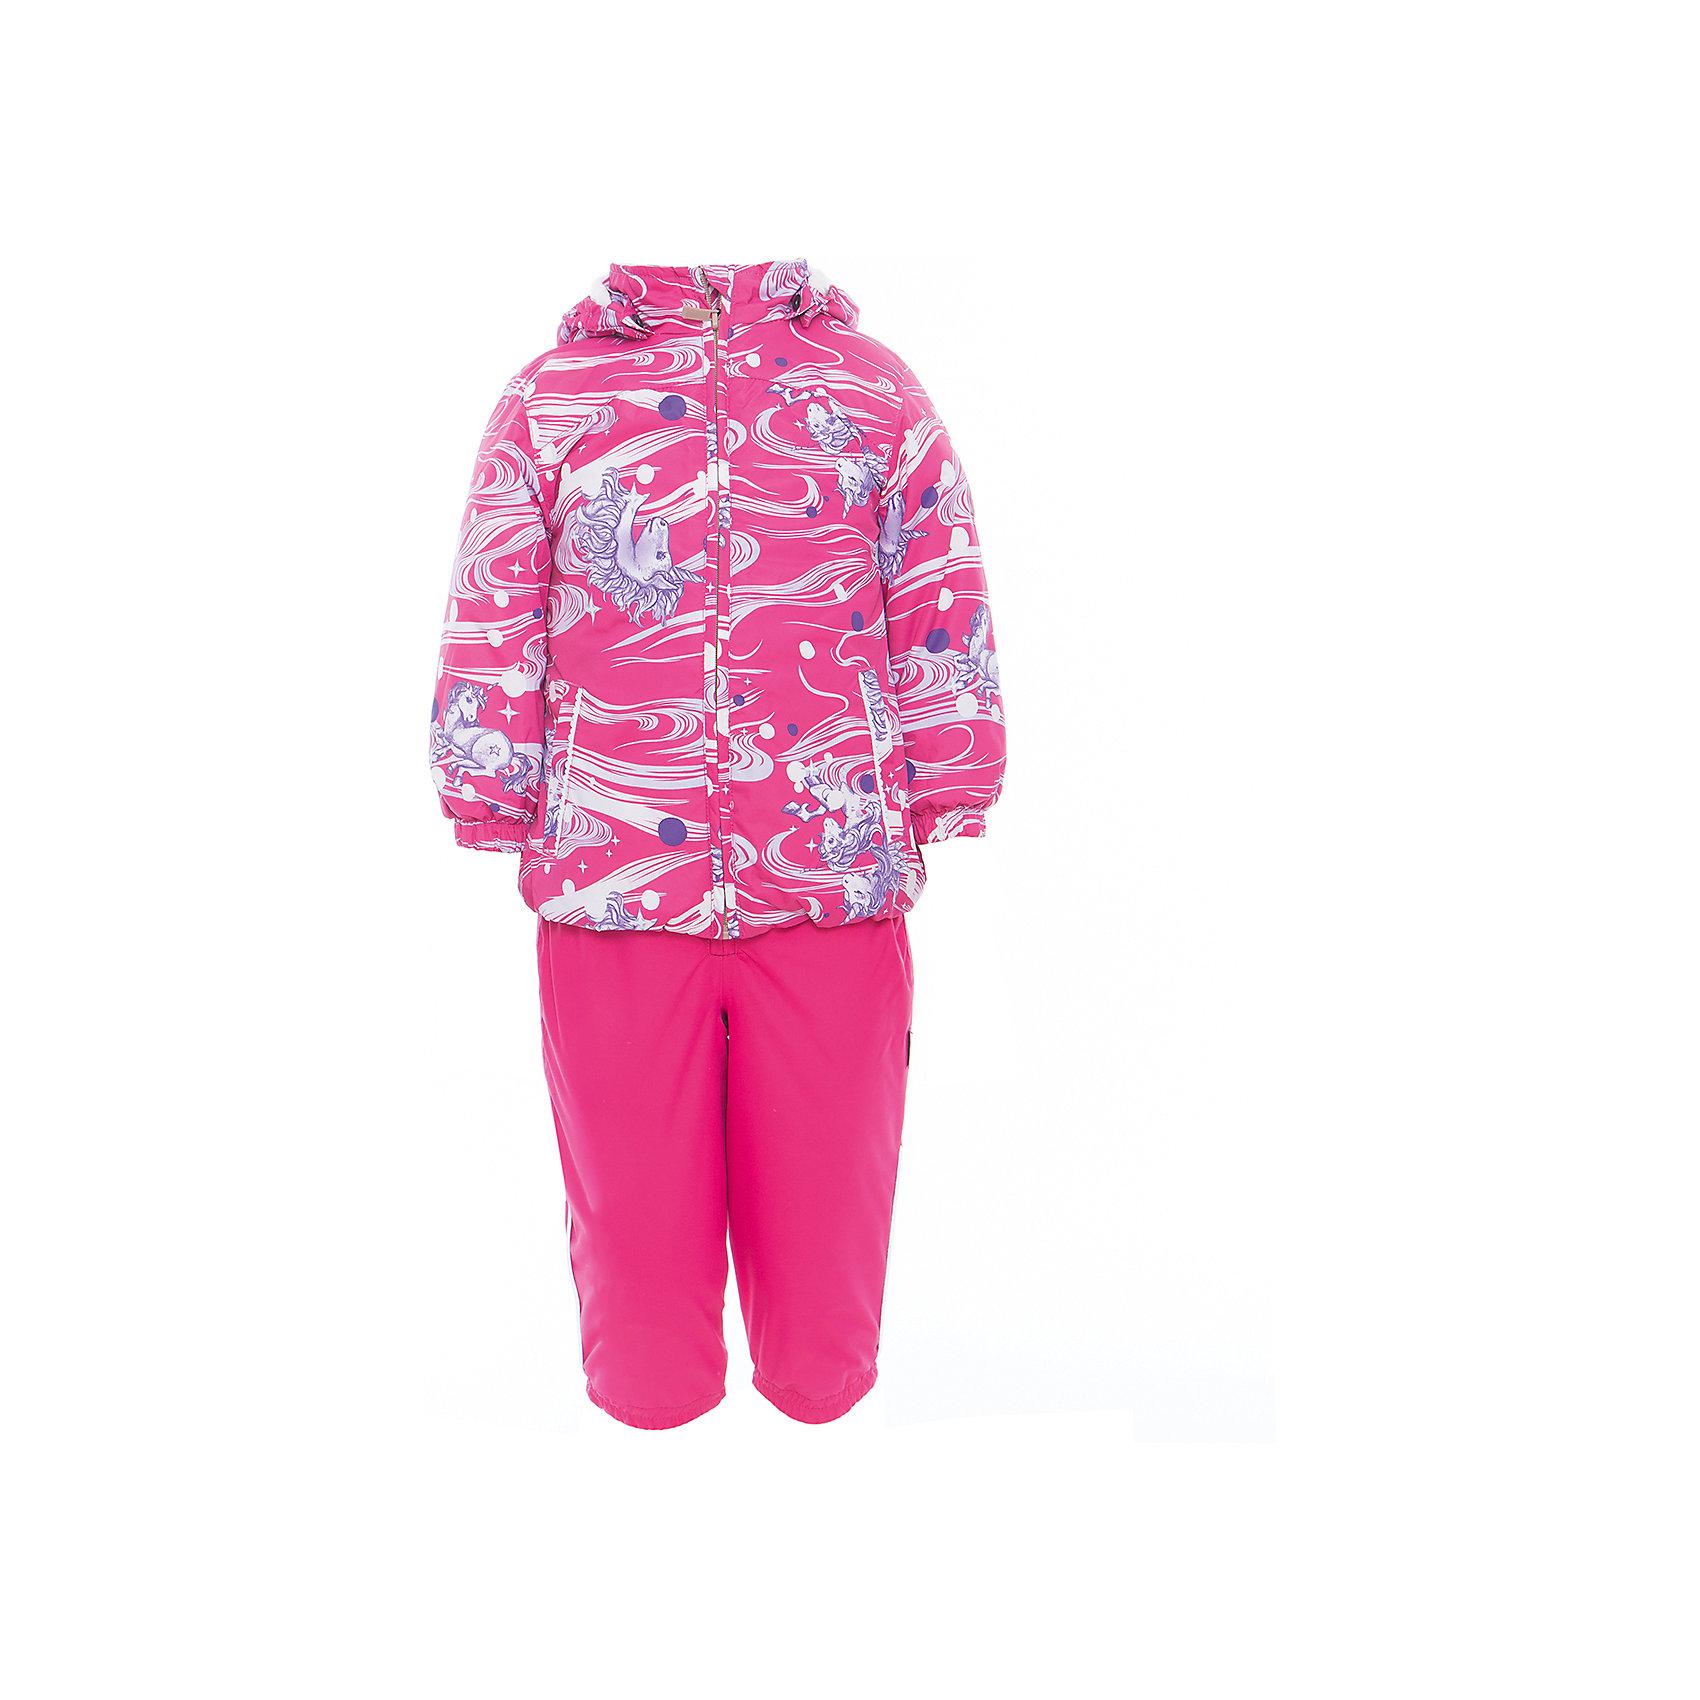 Комплект: куртка и полукомбинезон для девочки CLARA HuppaКомплекты<br>Характеристики товара:<br><br>• цвет: фуксия принт/фуксия<br>• комплектация: куртка и полукомбинезон <br>• ткань: 100% полиэстер<br>• подкладка: Coral-fleece смесь хлопка и полиэстера, в рукавах - тафта 100% полиэстер<br>• утеплитель: 100% полиэстер; куртка 100 г, полукомбинезон 40 г<br>• температурный режим: от -5°С до +10°С<br>• водонепроницаемость: верх - 5000 мм, низ - 10000 мм<br>• воздухопроницаемость: верх - 5000 мм, низ - 10000 мм<br>• светоотражающие детали<br>• шов сидения проклеен<br>• съёмный капюшон с резинкой<br>• эластичные манжеты на рукавах<br>• манжеты брюк с резинкой<br>• съёмные эластичные штрипки<br>• без внутренних швов<br>• резиновые подтяжки<br>• коллекция: весна-лето 2017<br>• страна бренда: Эстония<br><br>Такой модный демисезонный комплект  обеспечит детям тепло и комфорт. Он сделан из материала, отталкивающего воду, и дополнен подкладкой с утеплителем, поэтому изделие идеально подходит для межсезонья. Материал изделий - с мембранной технологией: защищая от влаги и ветра, он легко выводит лишнюю влагу наружу. Комплект очень симпатично смотрится. <br><br>Одежда и обувь от популярного эстонского бренда Huppa - отличный вариант одеть ребенка можно и комфортно. Вещи, выпускаемые компанией, качественные, продуманные и очень удобные. Для производства изделий используются только безопасные для детей материалы. Продукция от Huppa порадует и детей, и их родителей!<br><br>Комплект: куртка и полукомбинезон CLARA от бренда Huppa (Хуппа) можно купить в нашем интернет-магазине.<br><br>Ширина мм: 356<br>Глубина мм: 10<br>Высота мм: 245<br>Вес г: 519<br>Цвет: фиолетовый<br>Возраст от месяцев: 36<br>Возраст до месяцев: 48<br>Пол: Женский<br>Возраст: Детский<br>Размер: 86,104,80,92,98,110<br>SKU: 5346580